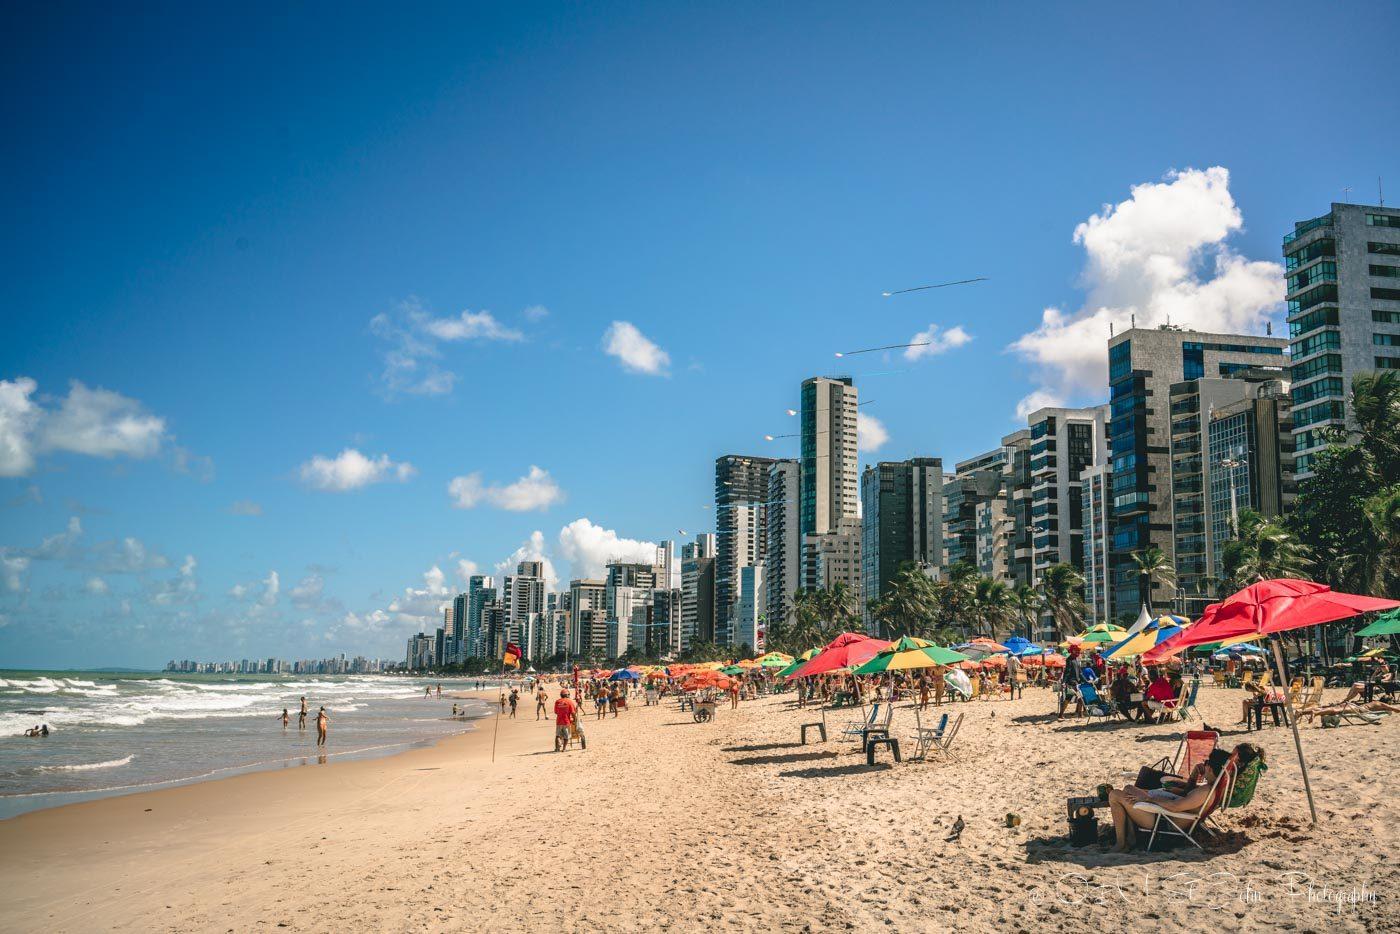 Beautiful beach in Recife, Brazil